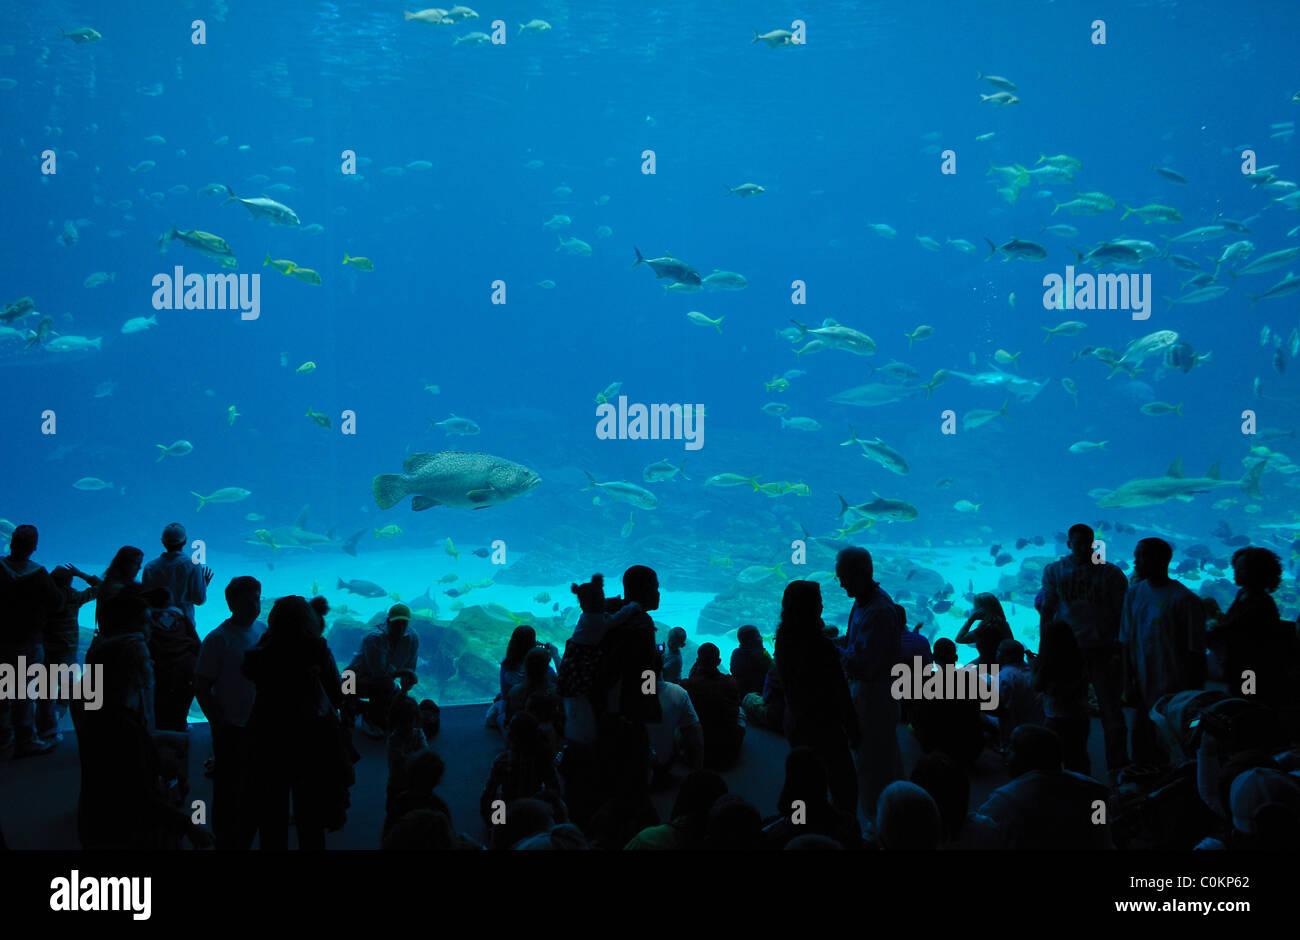 L'Aquarium de Géorgie, le plus grand aquarium du monde, à Atlanta, Géorgie Photo Stock